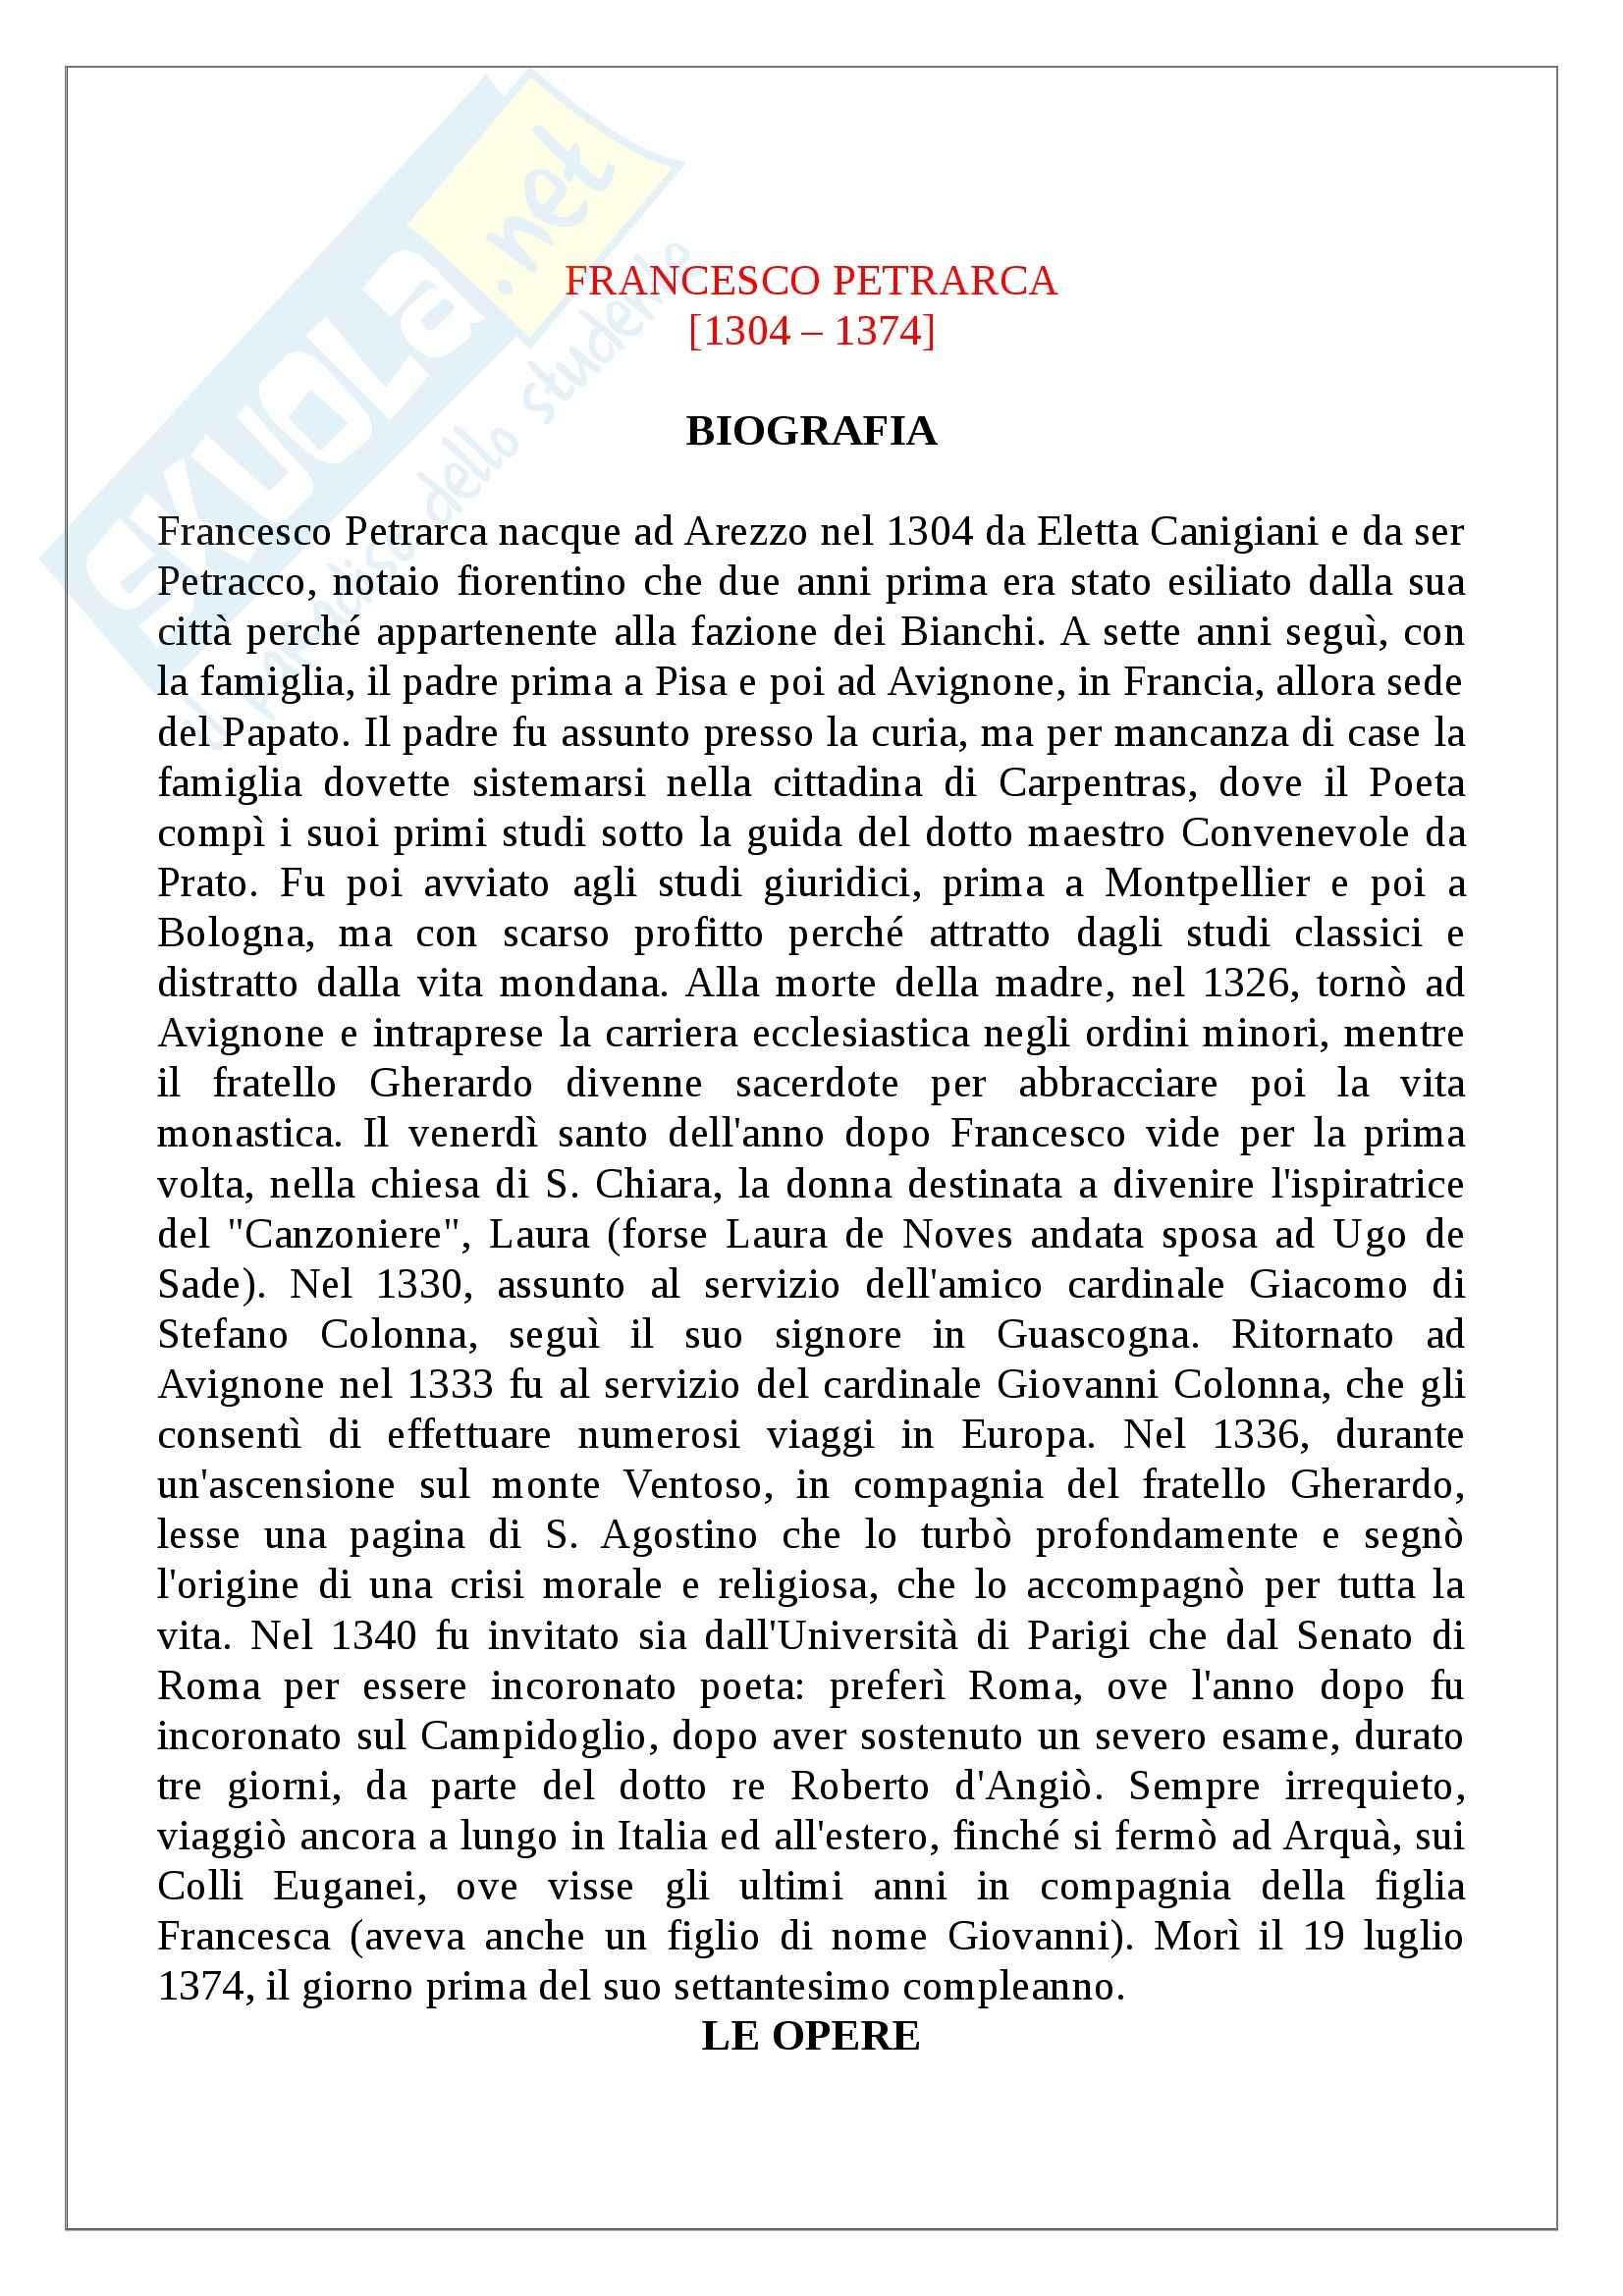 Letteratura italiana - biografia e opere di Francesco Petrarca